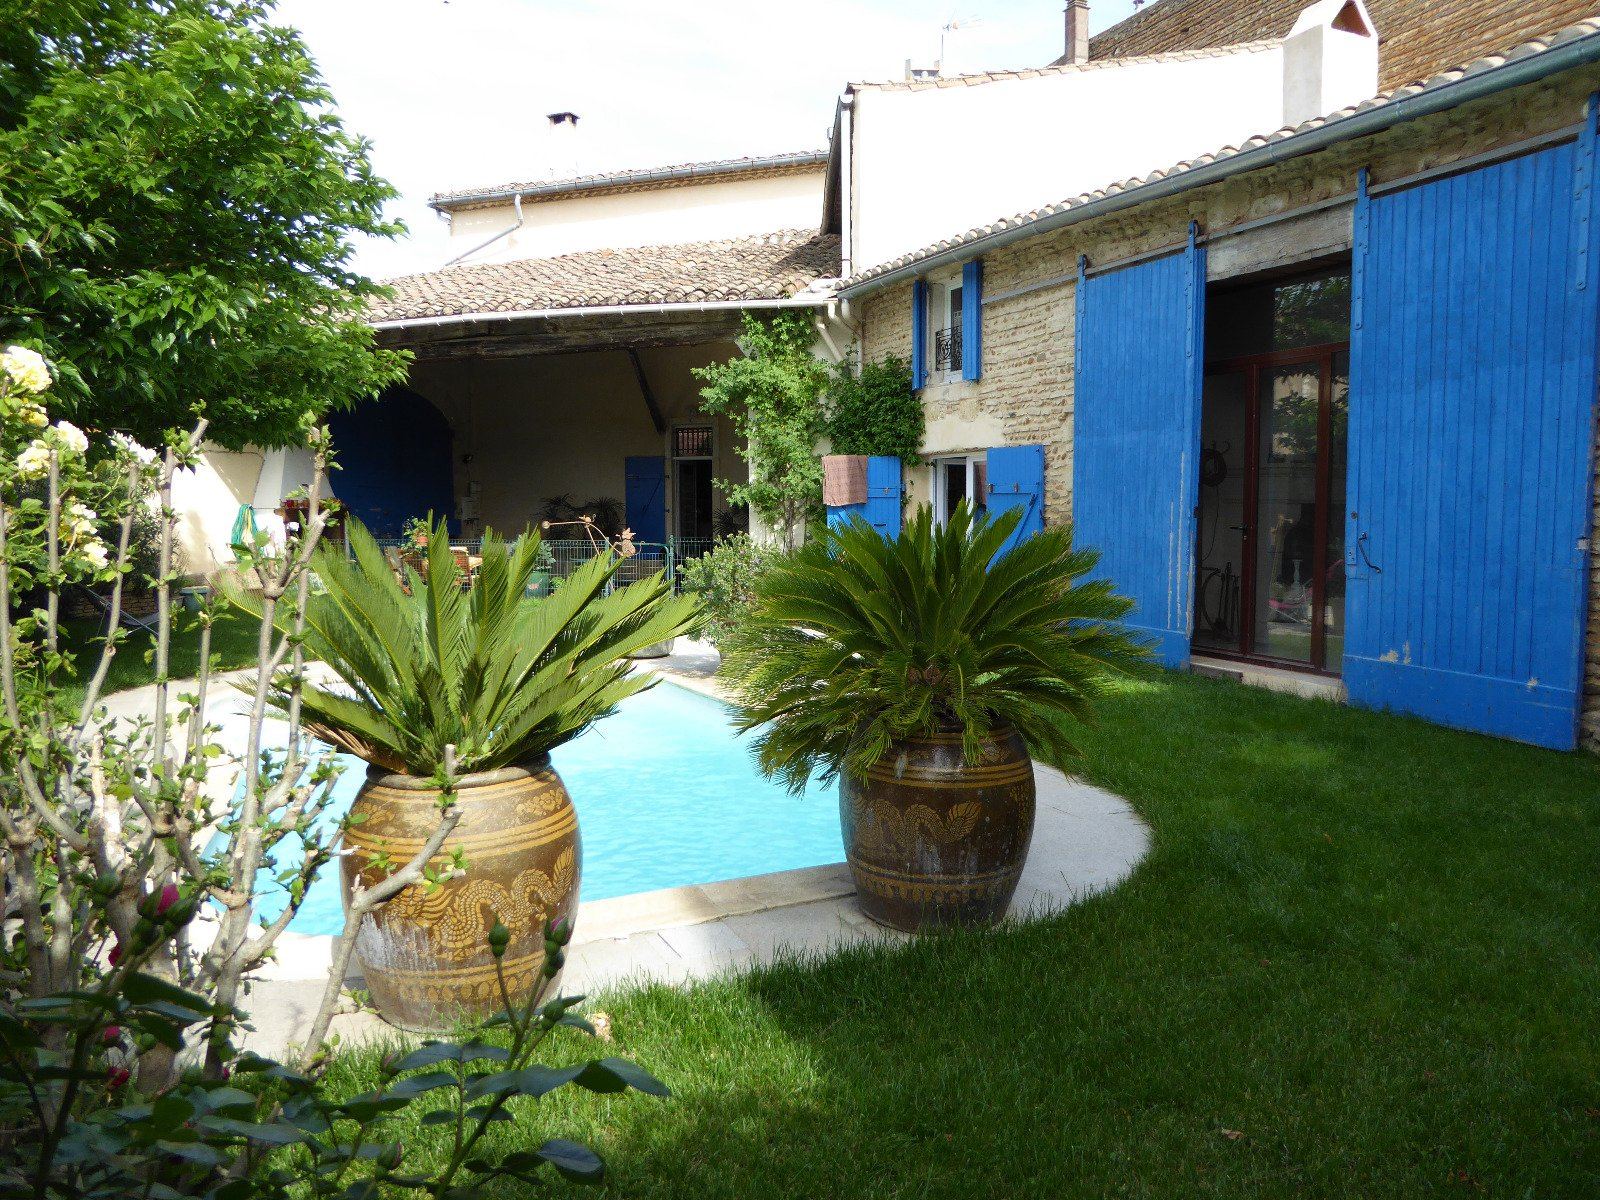 Achat-Vente-Maison-Languedoc-Roussillon-GARD-NIMES